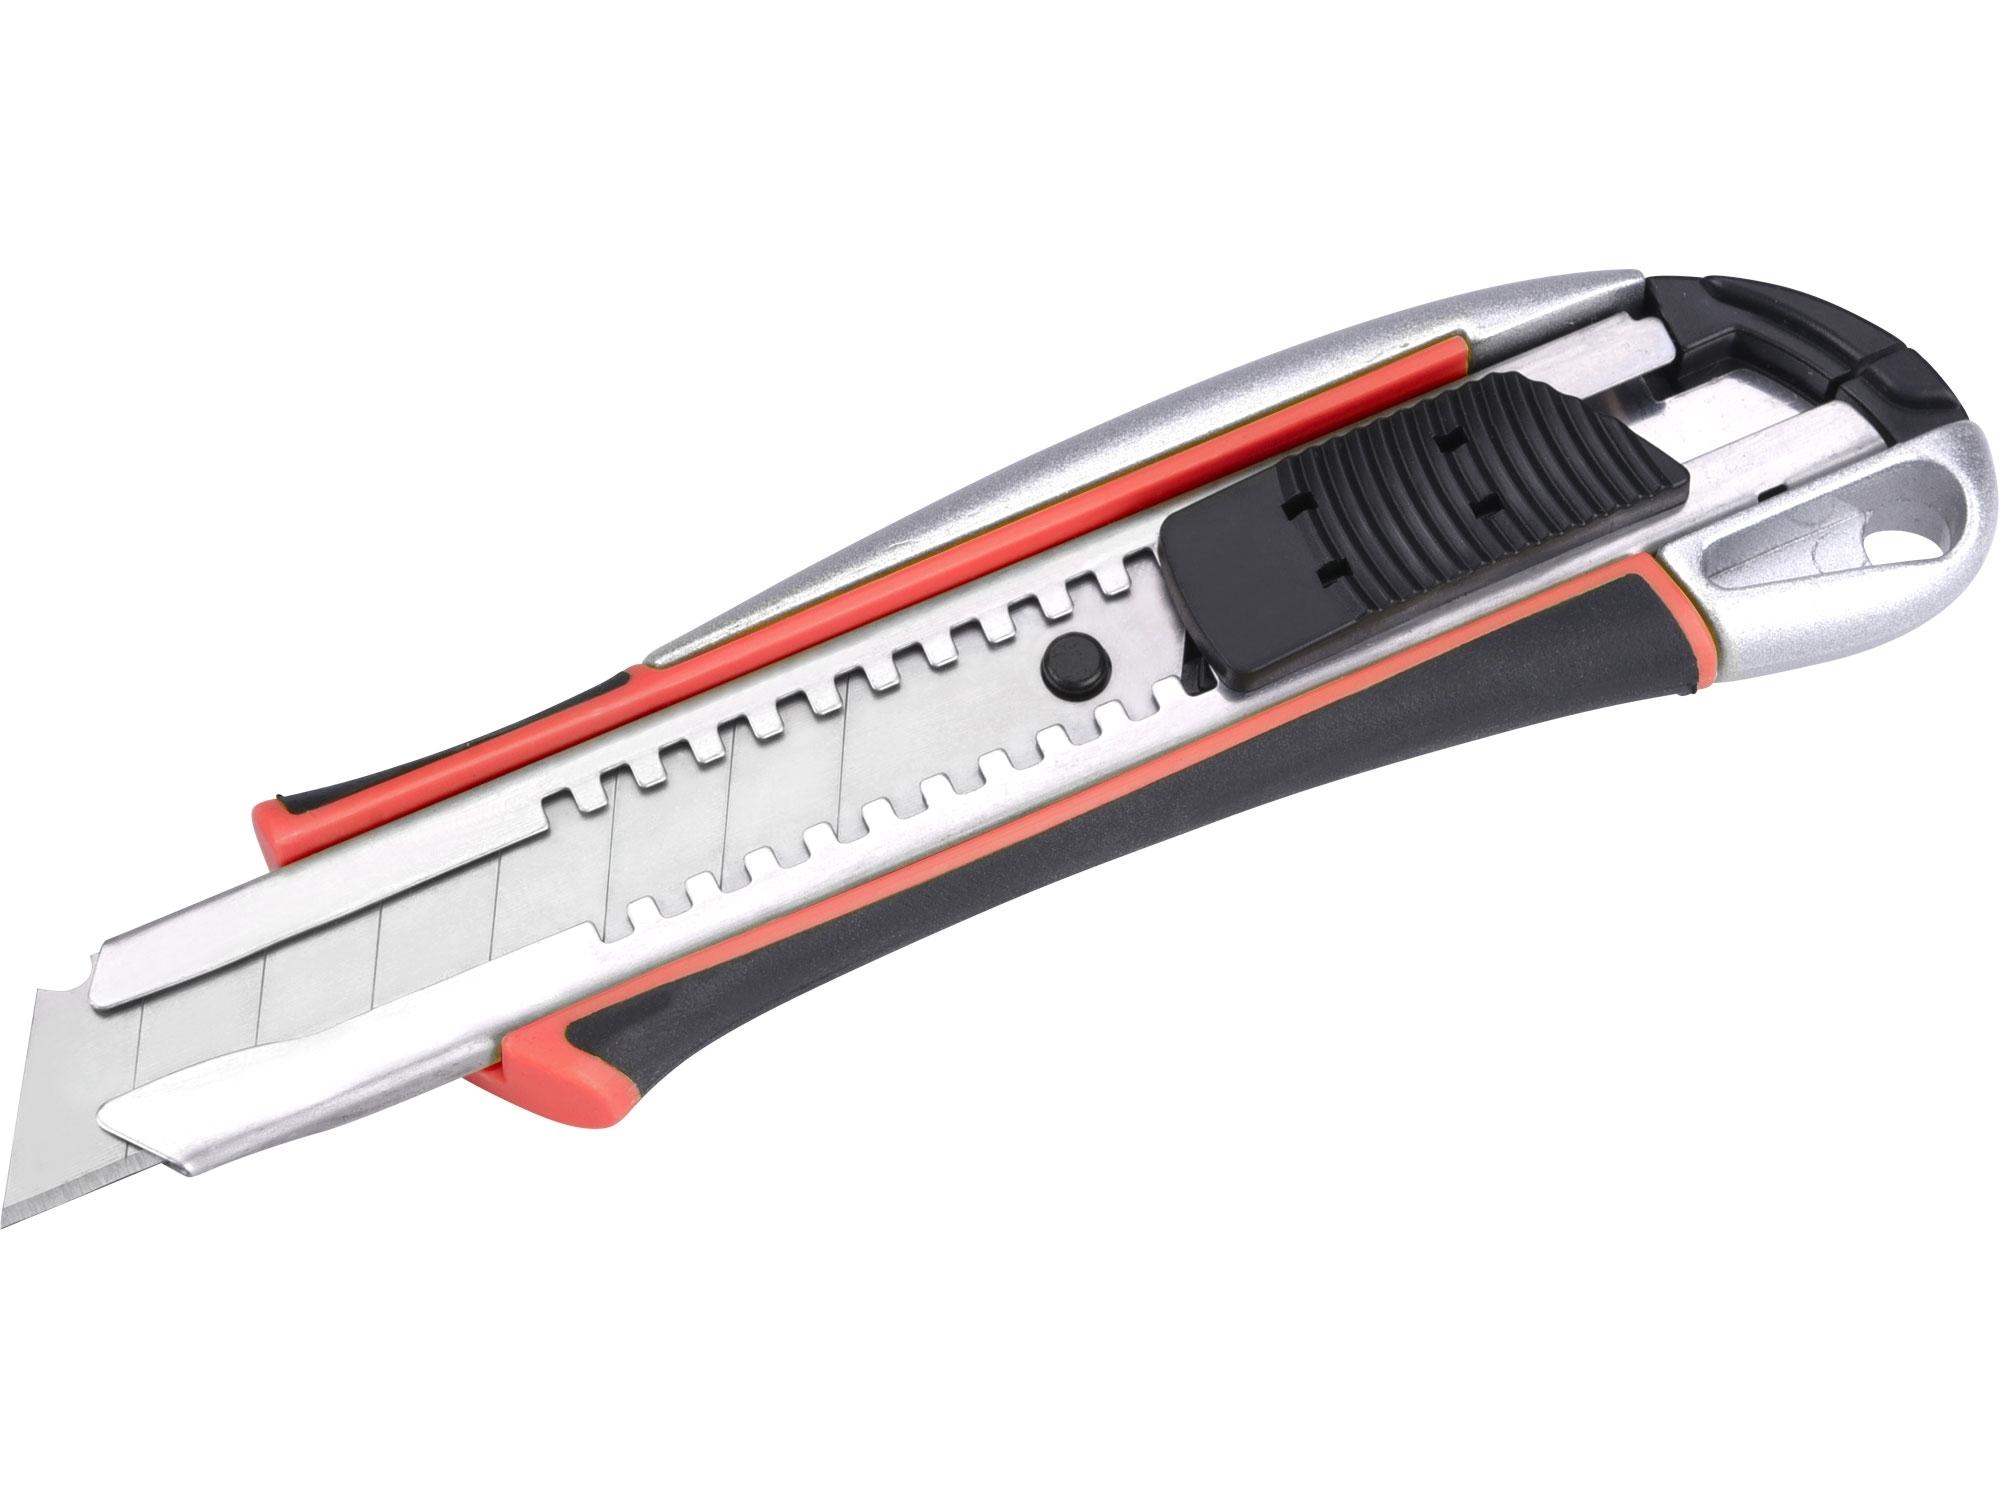 nůž ulamovací kovový s výstuhou, 18mm Auto-lock